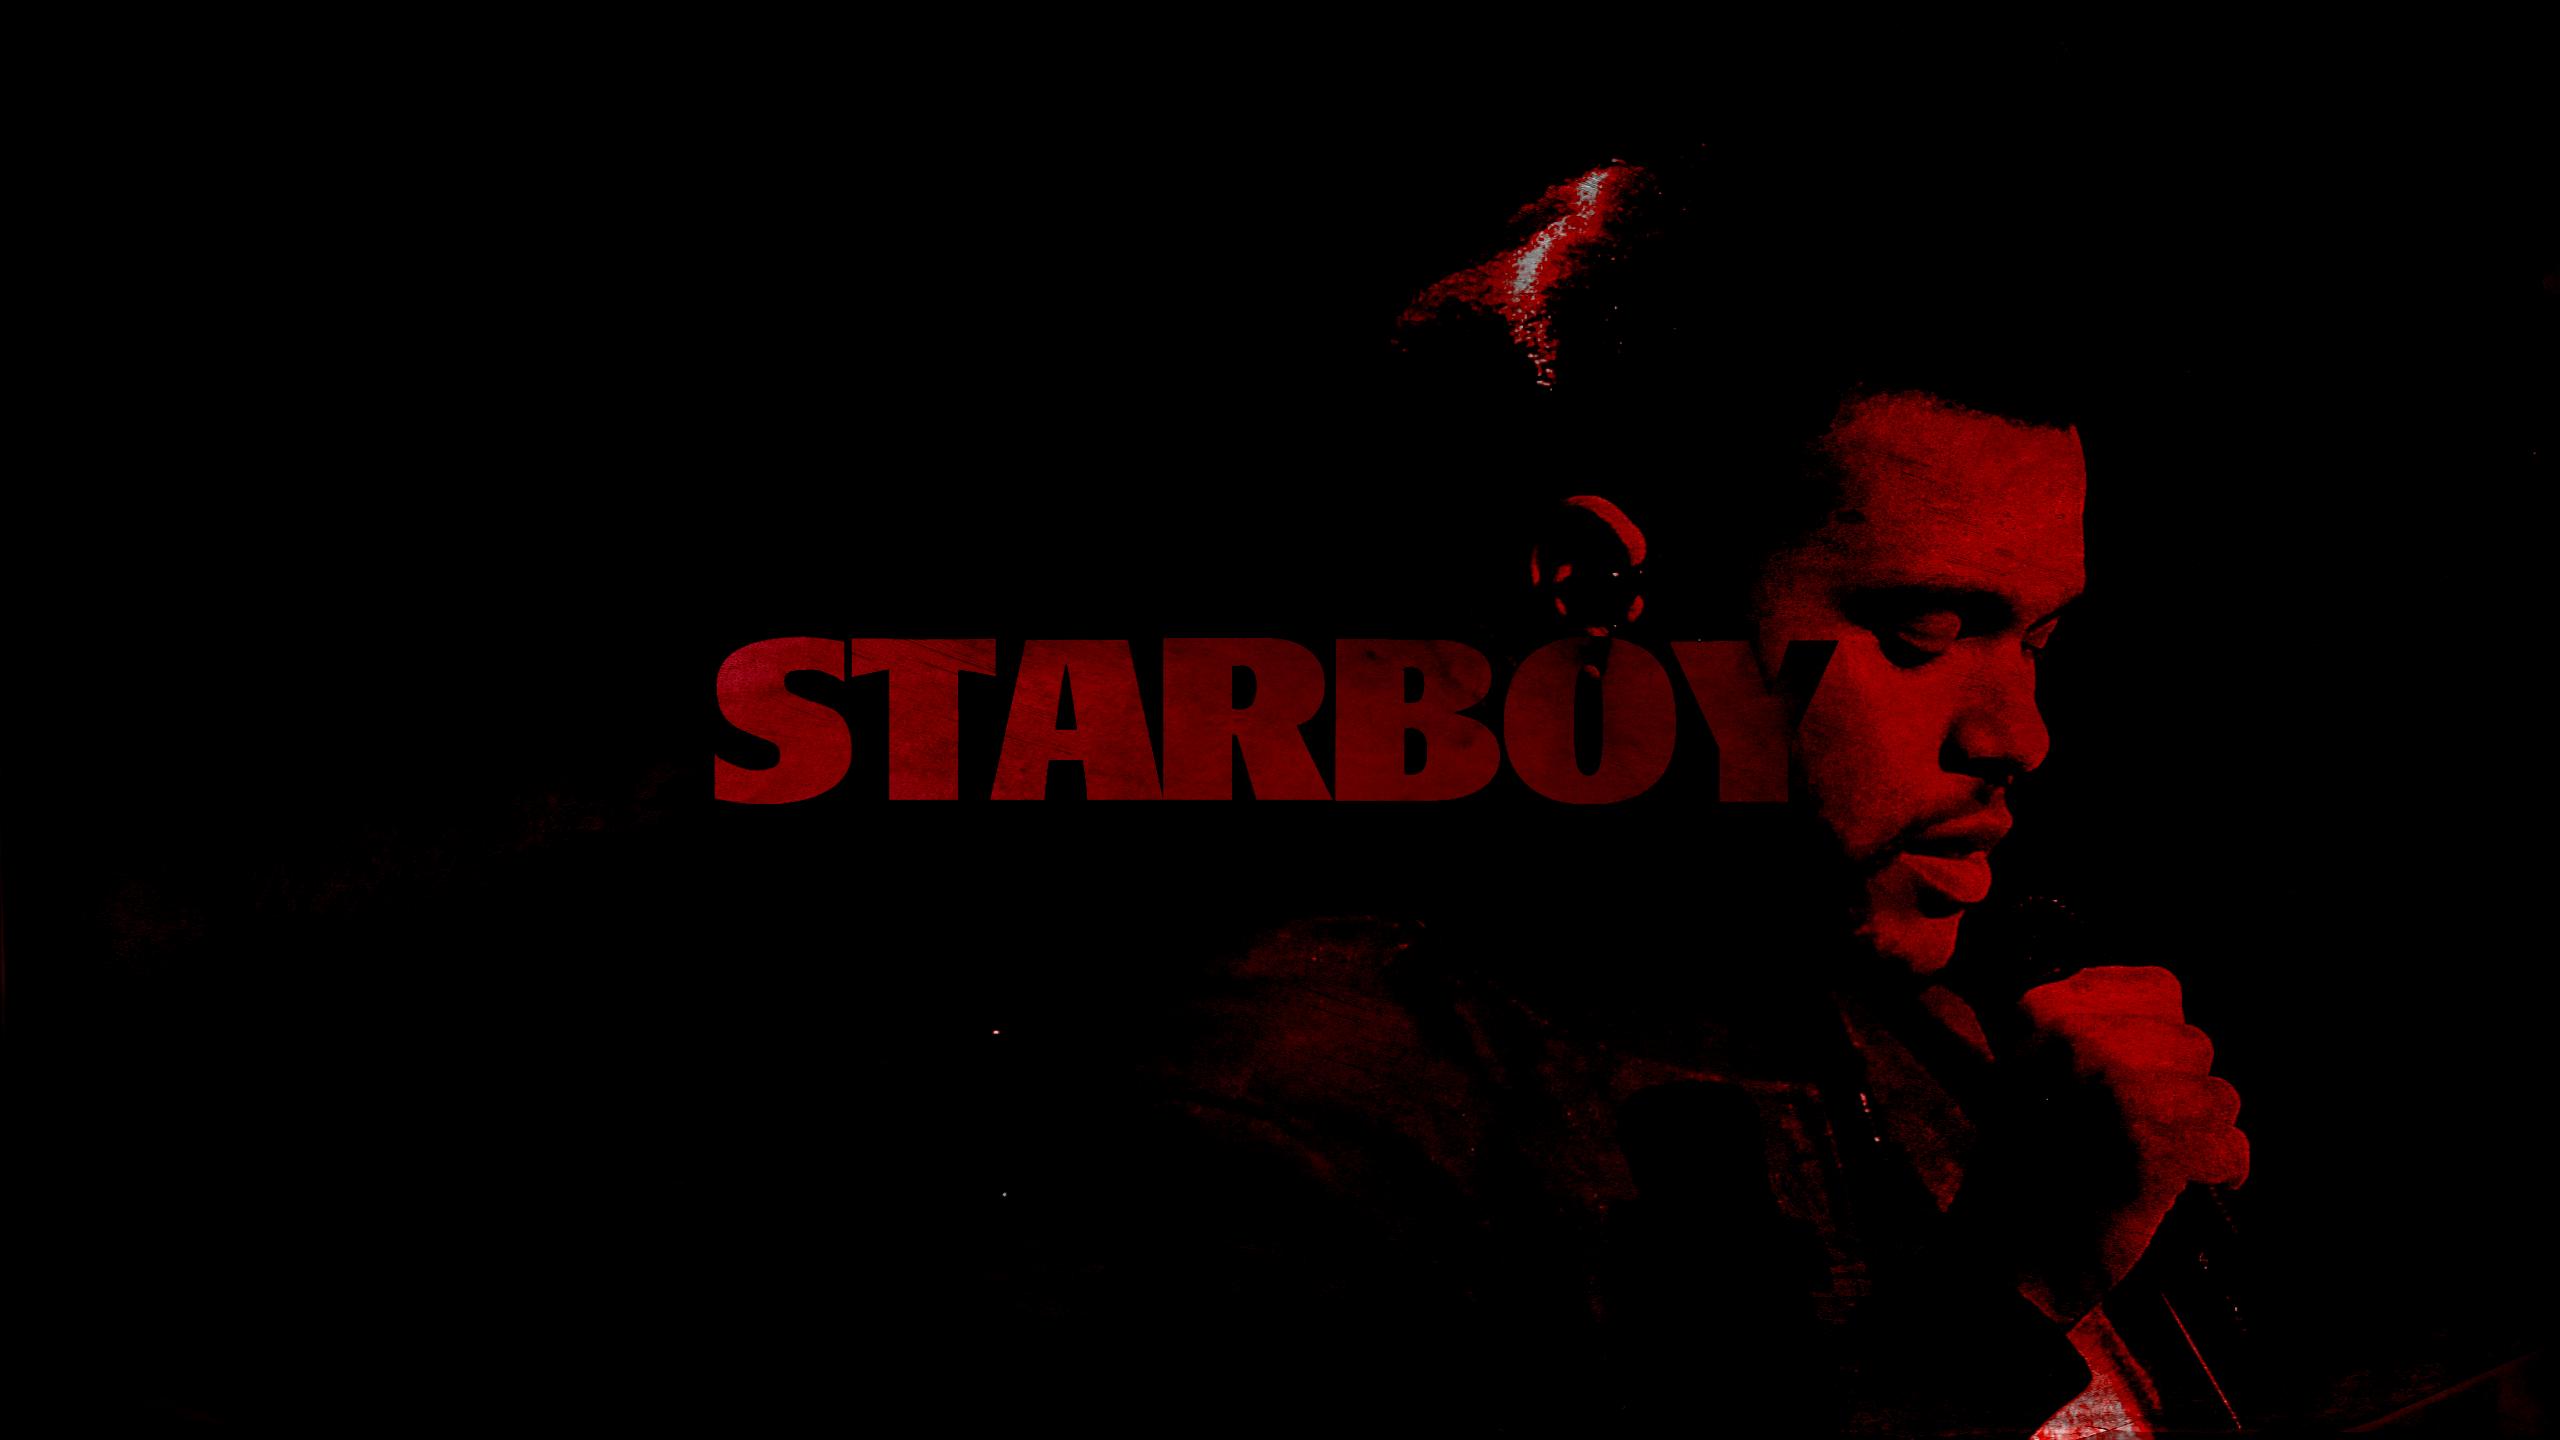 Wallpaper Abel Tesfaye The Weeknd Xo Starboy Singer